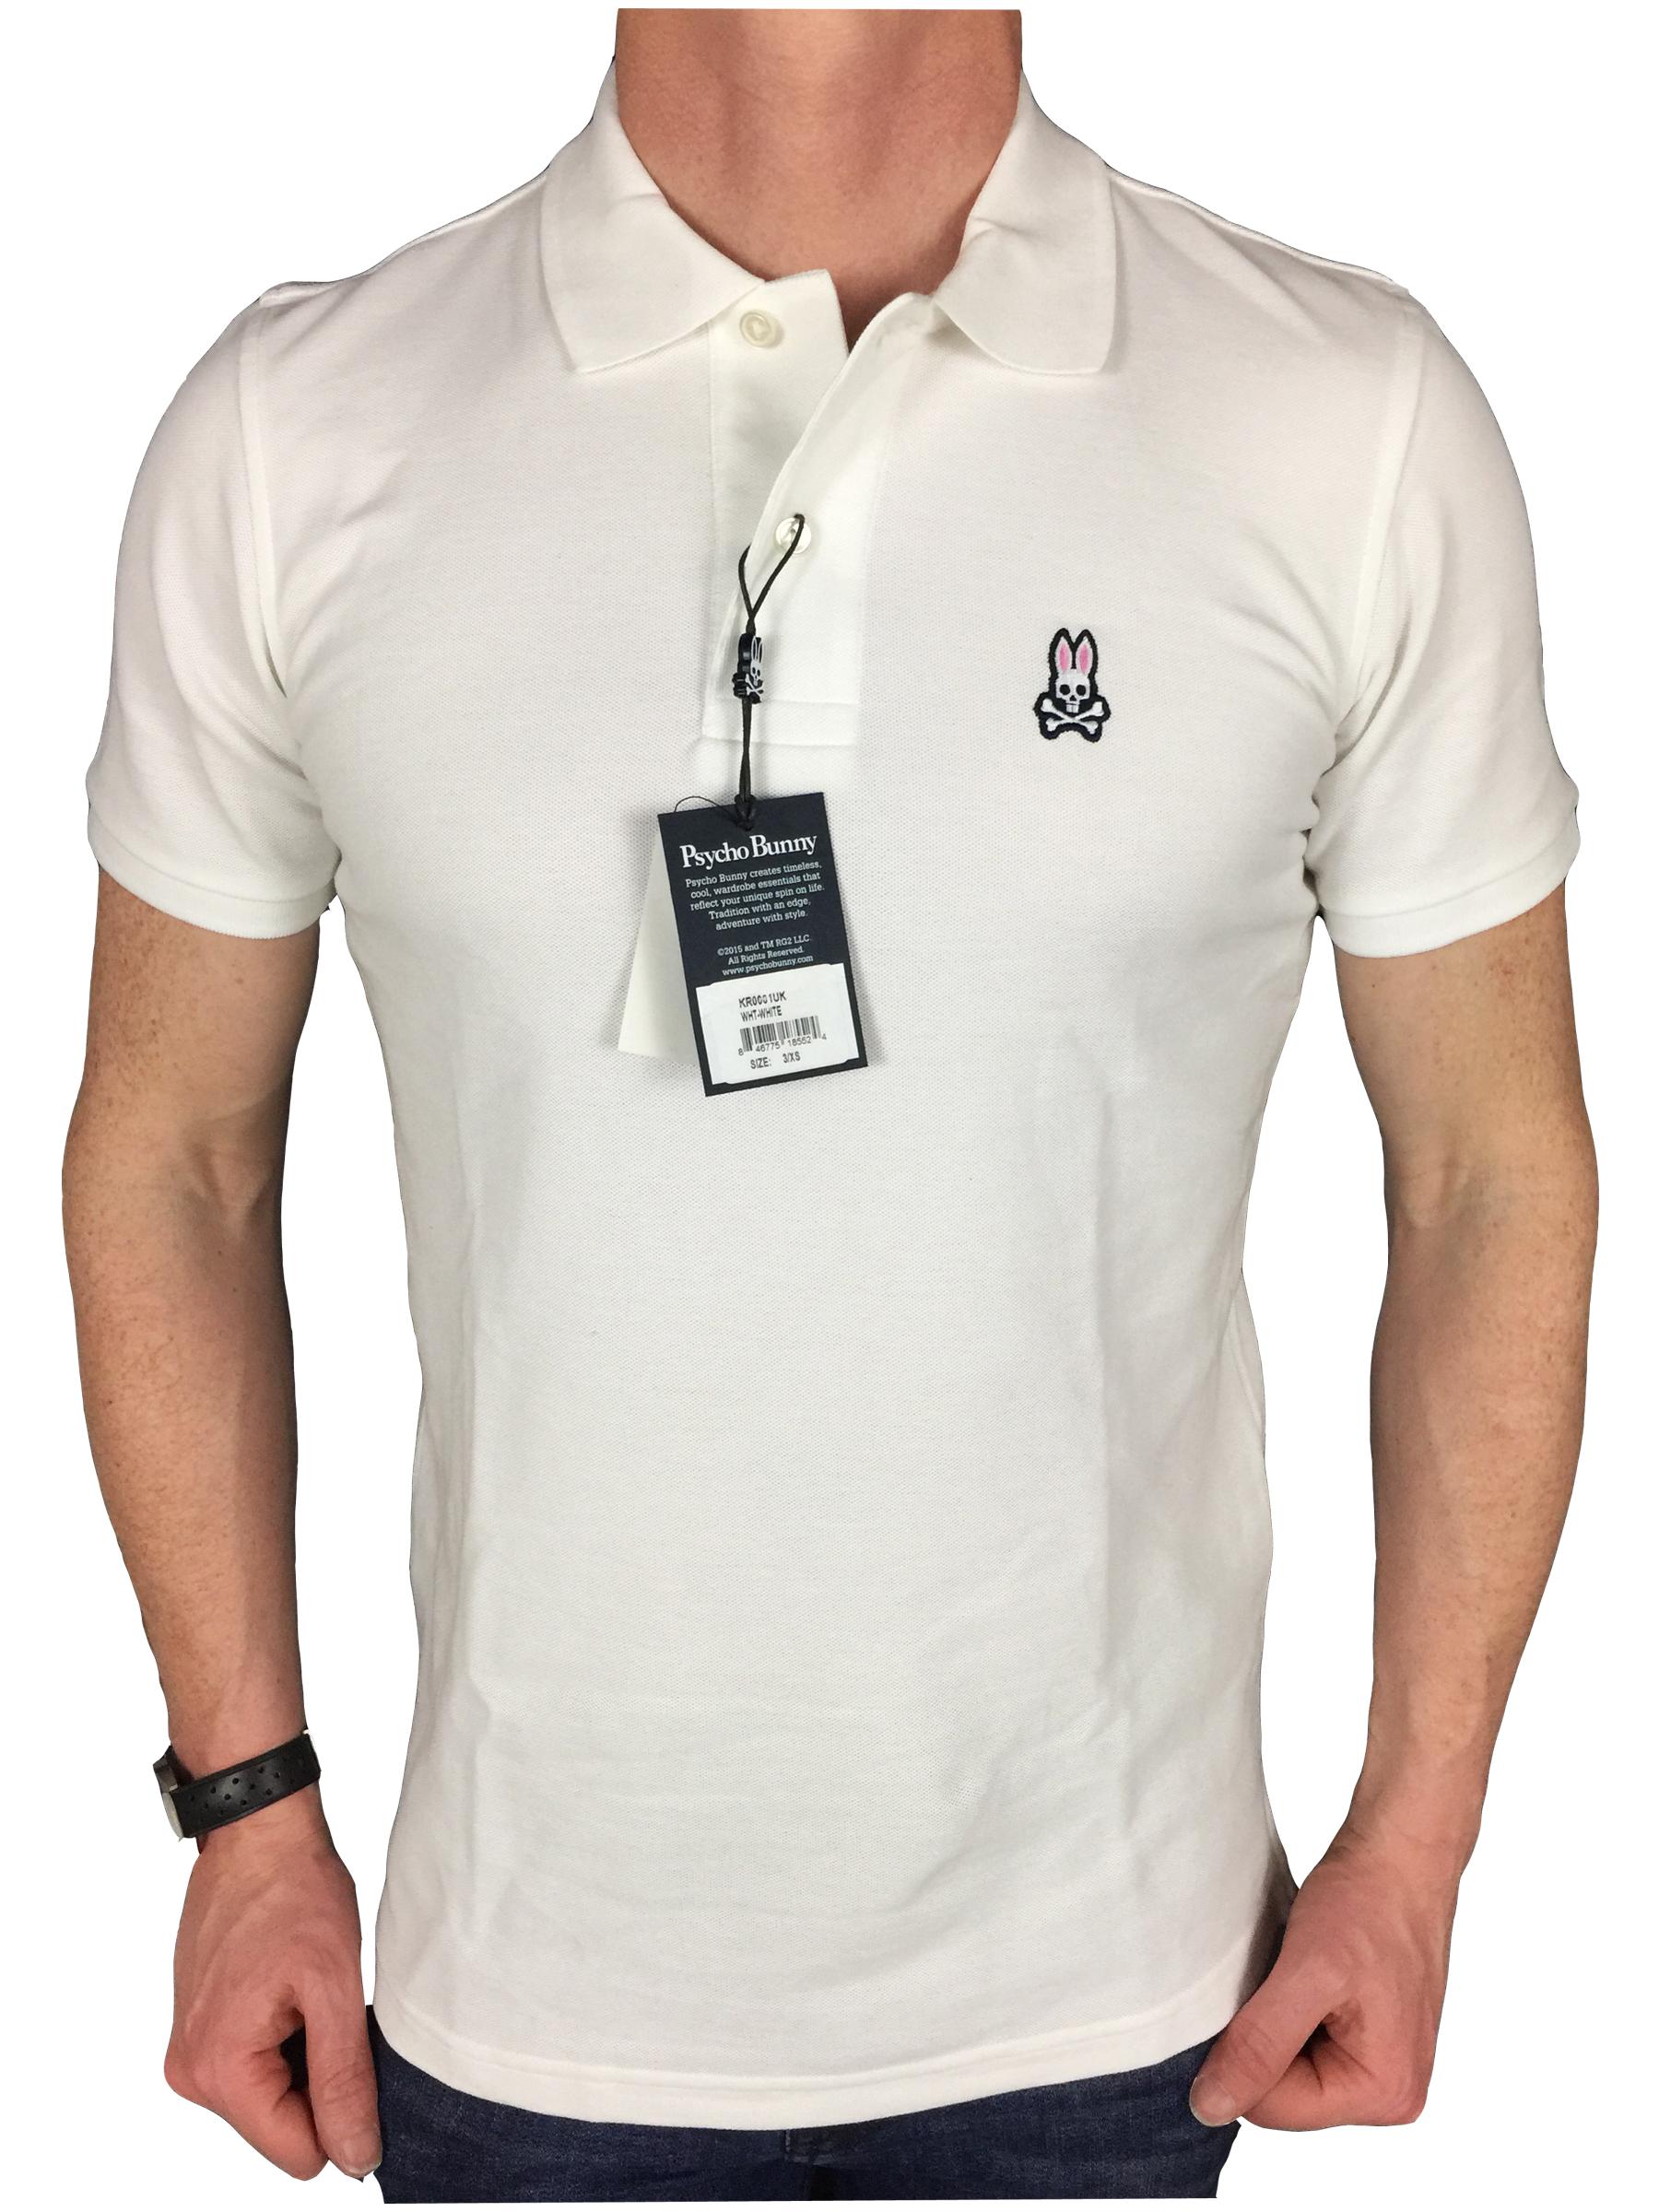 Psycho Bunny Mens S/S Logo Branded Polo Shirt in White | eBay